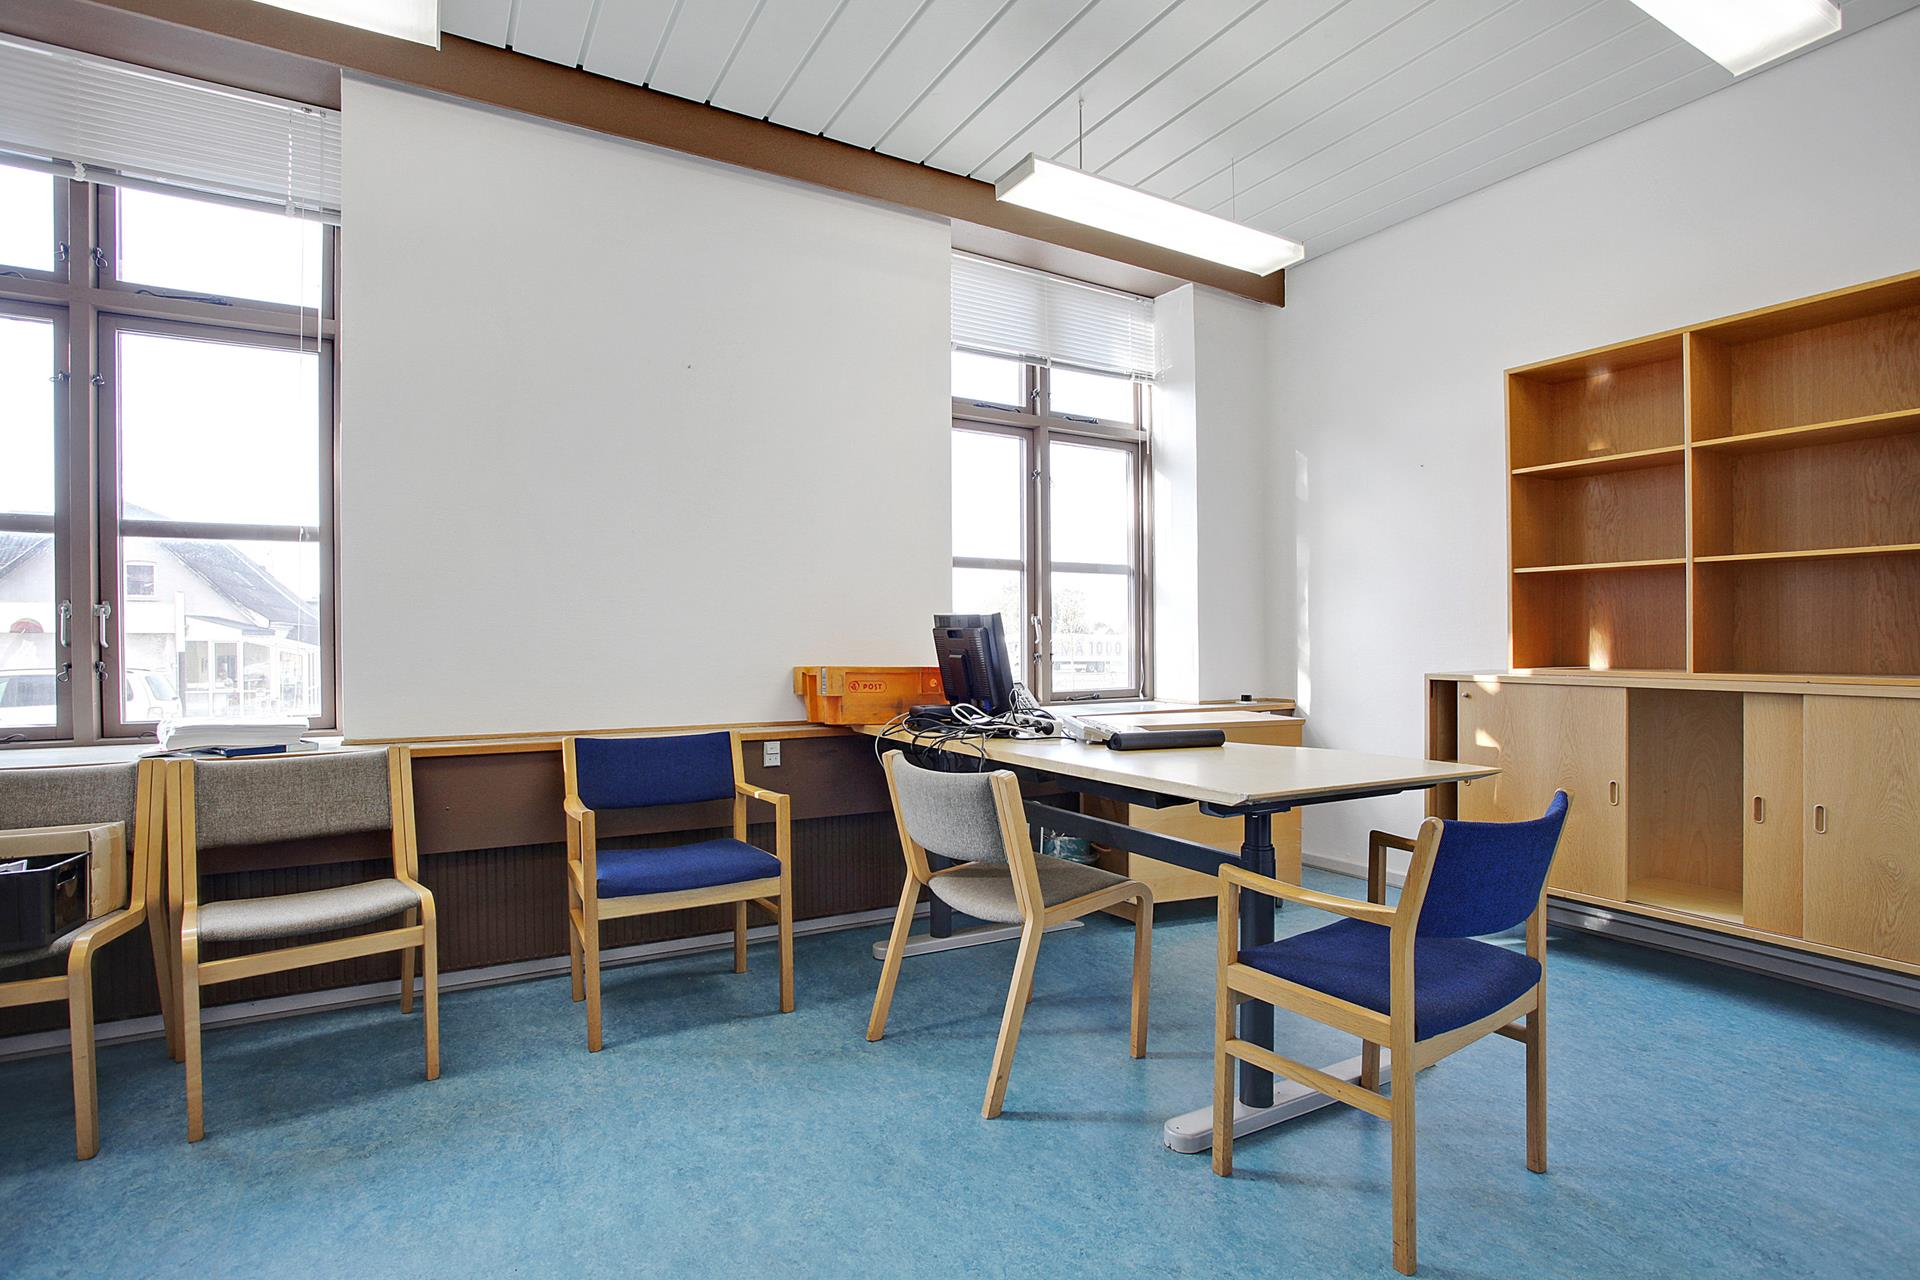 Bolig/erhverv på Jernbanegade i Brædstrup - Kontor